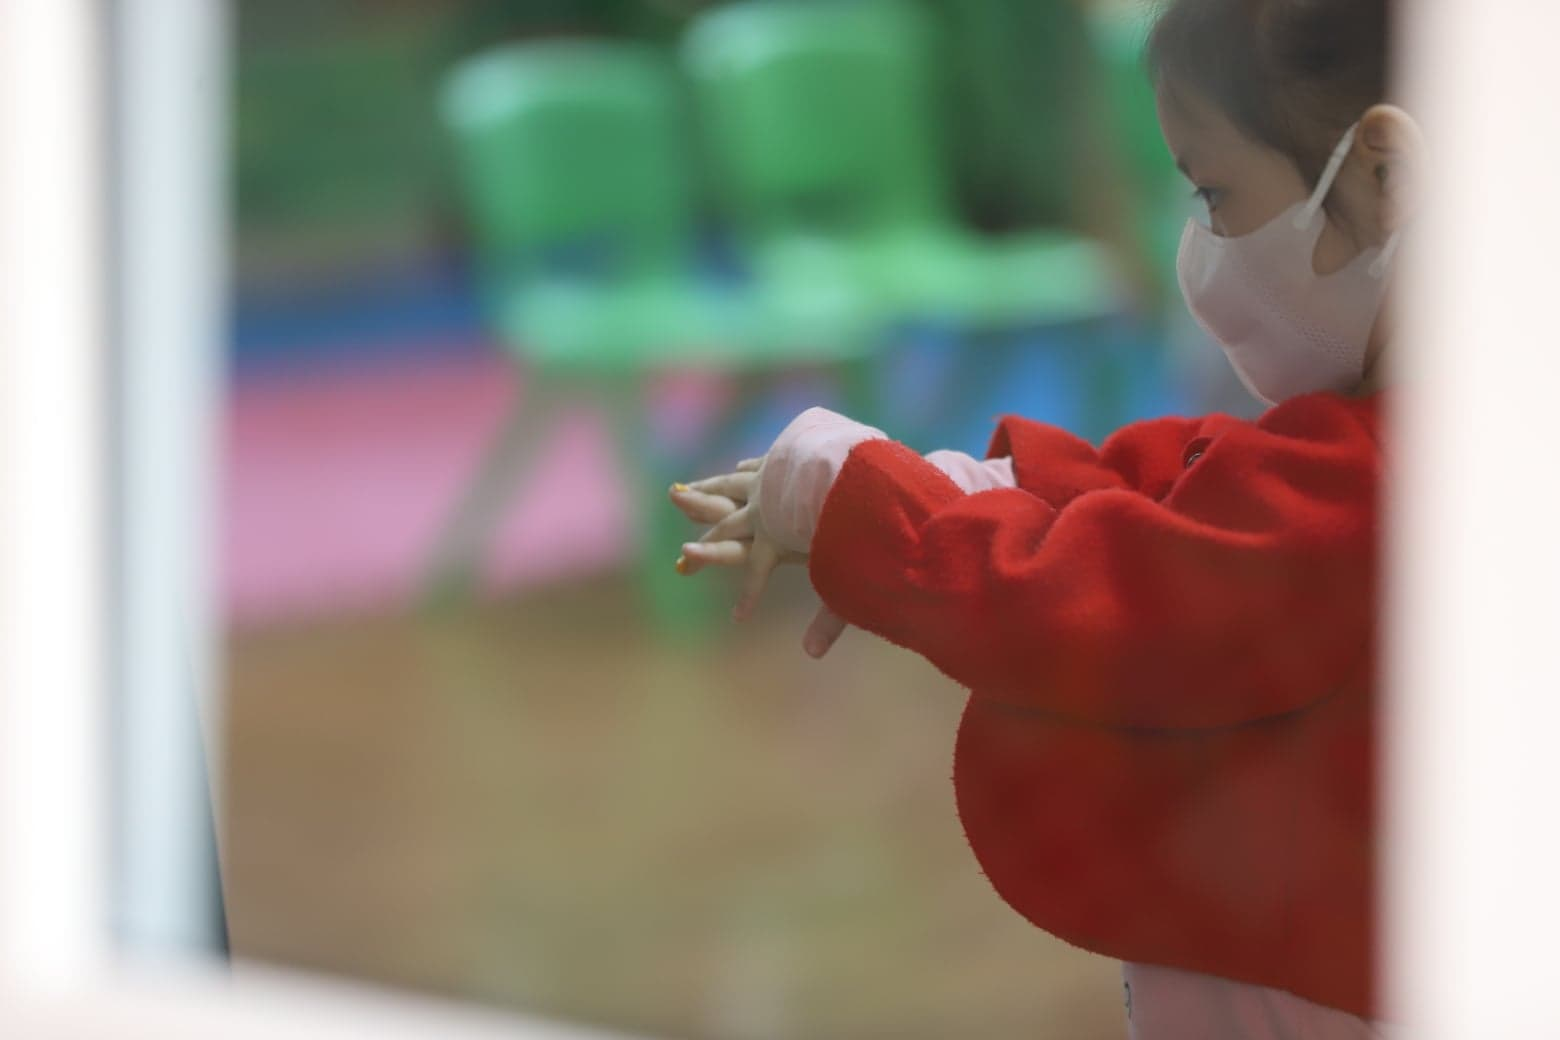 Các em cũng được các cô giáo hướng dẫn cách phòng dịch bệnh như rửa tay thật kĩ sau khi ra ngoài.